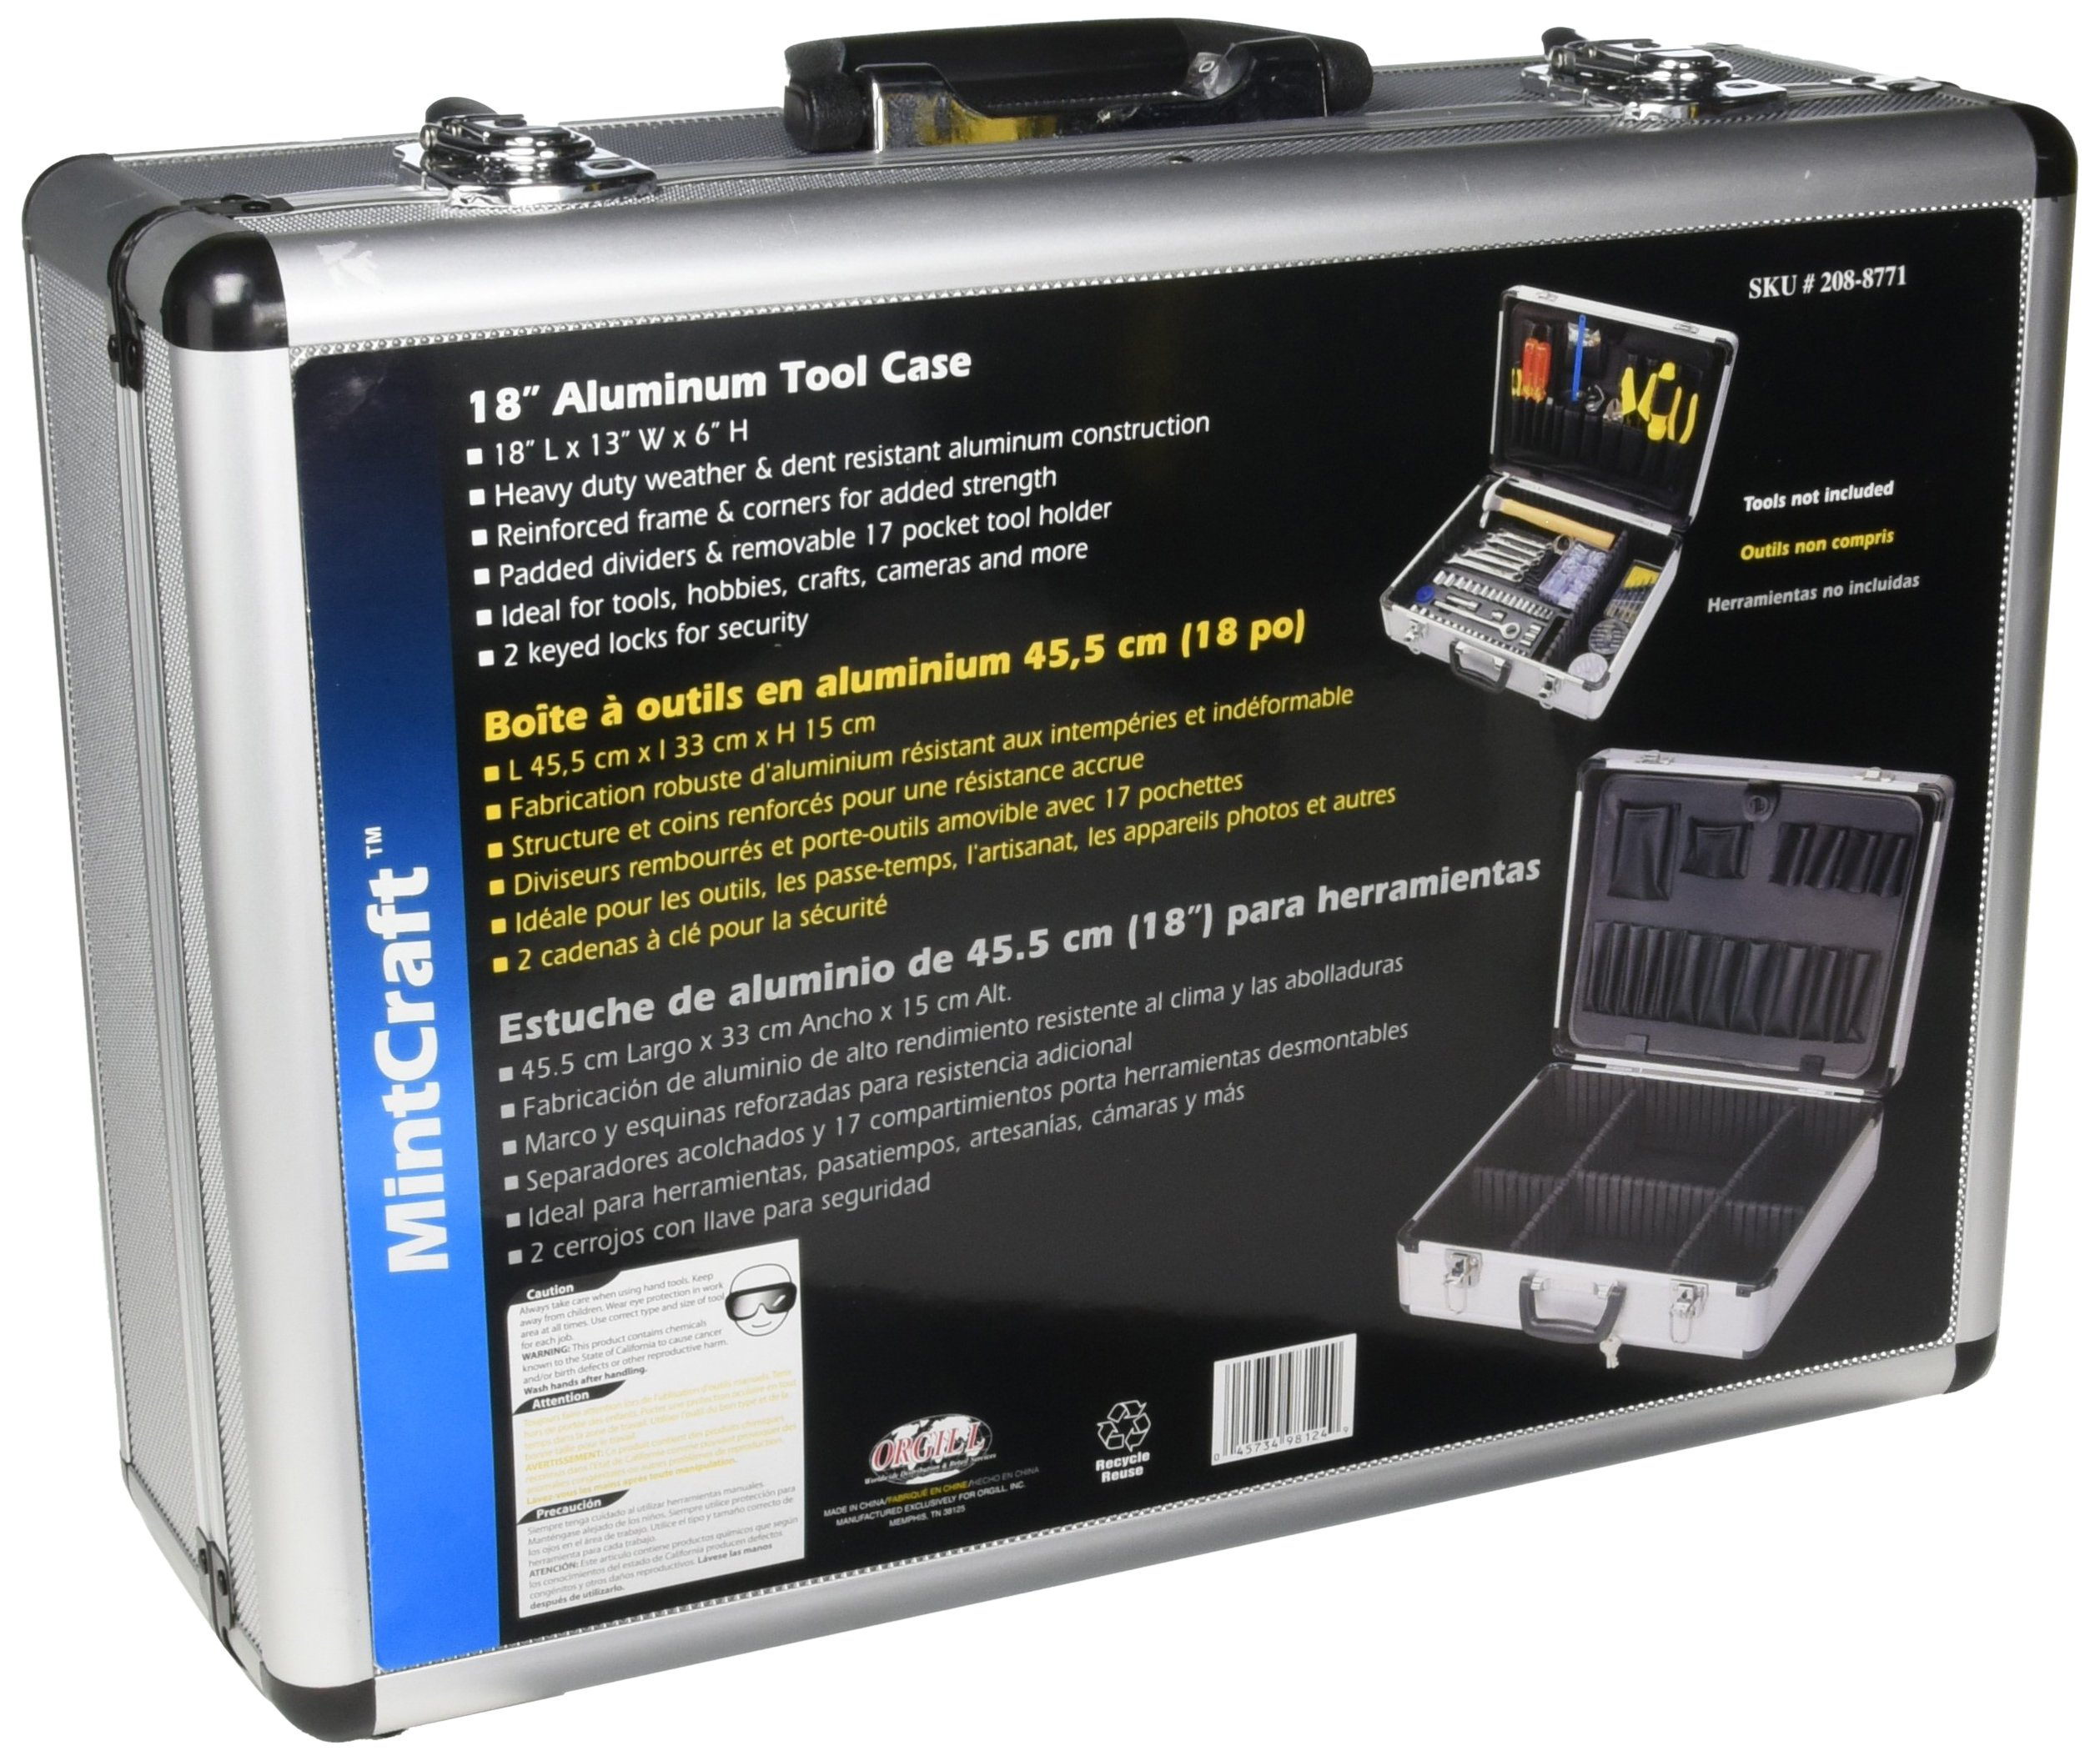 MINTCRAFT JL-10054 Case Aluminum 18 X 13 X 6 by Mintcraft